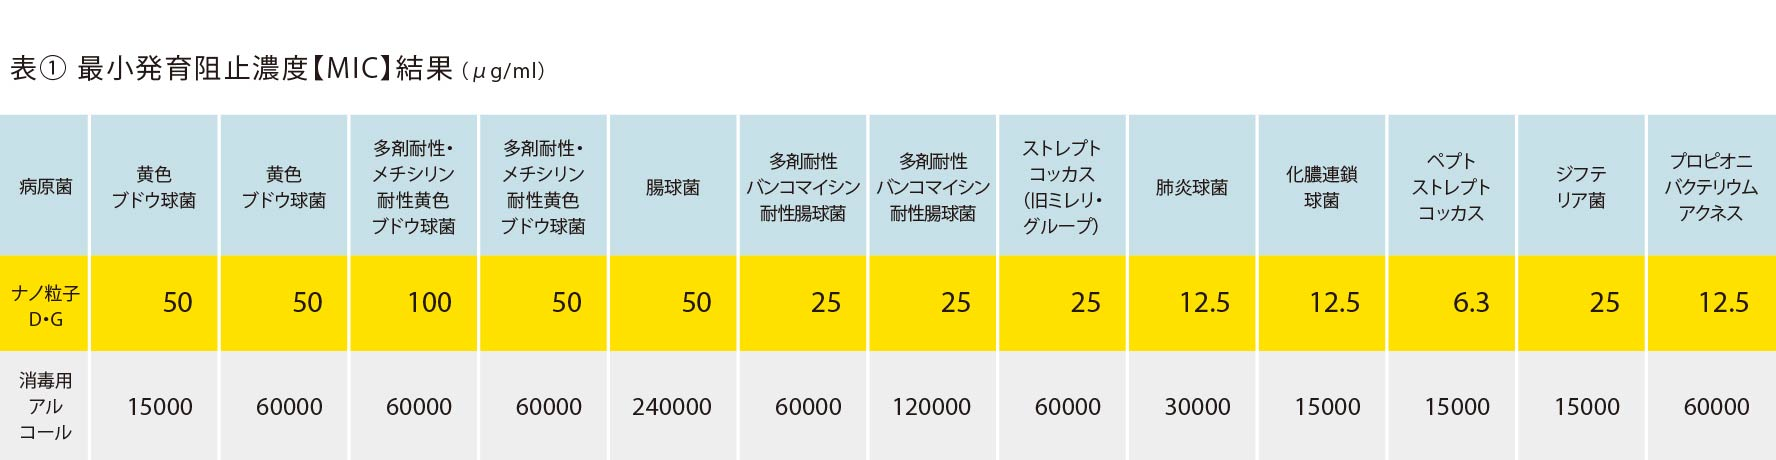 表1最小発育阻止濃度【MIC】結果